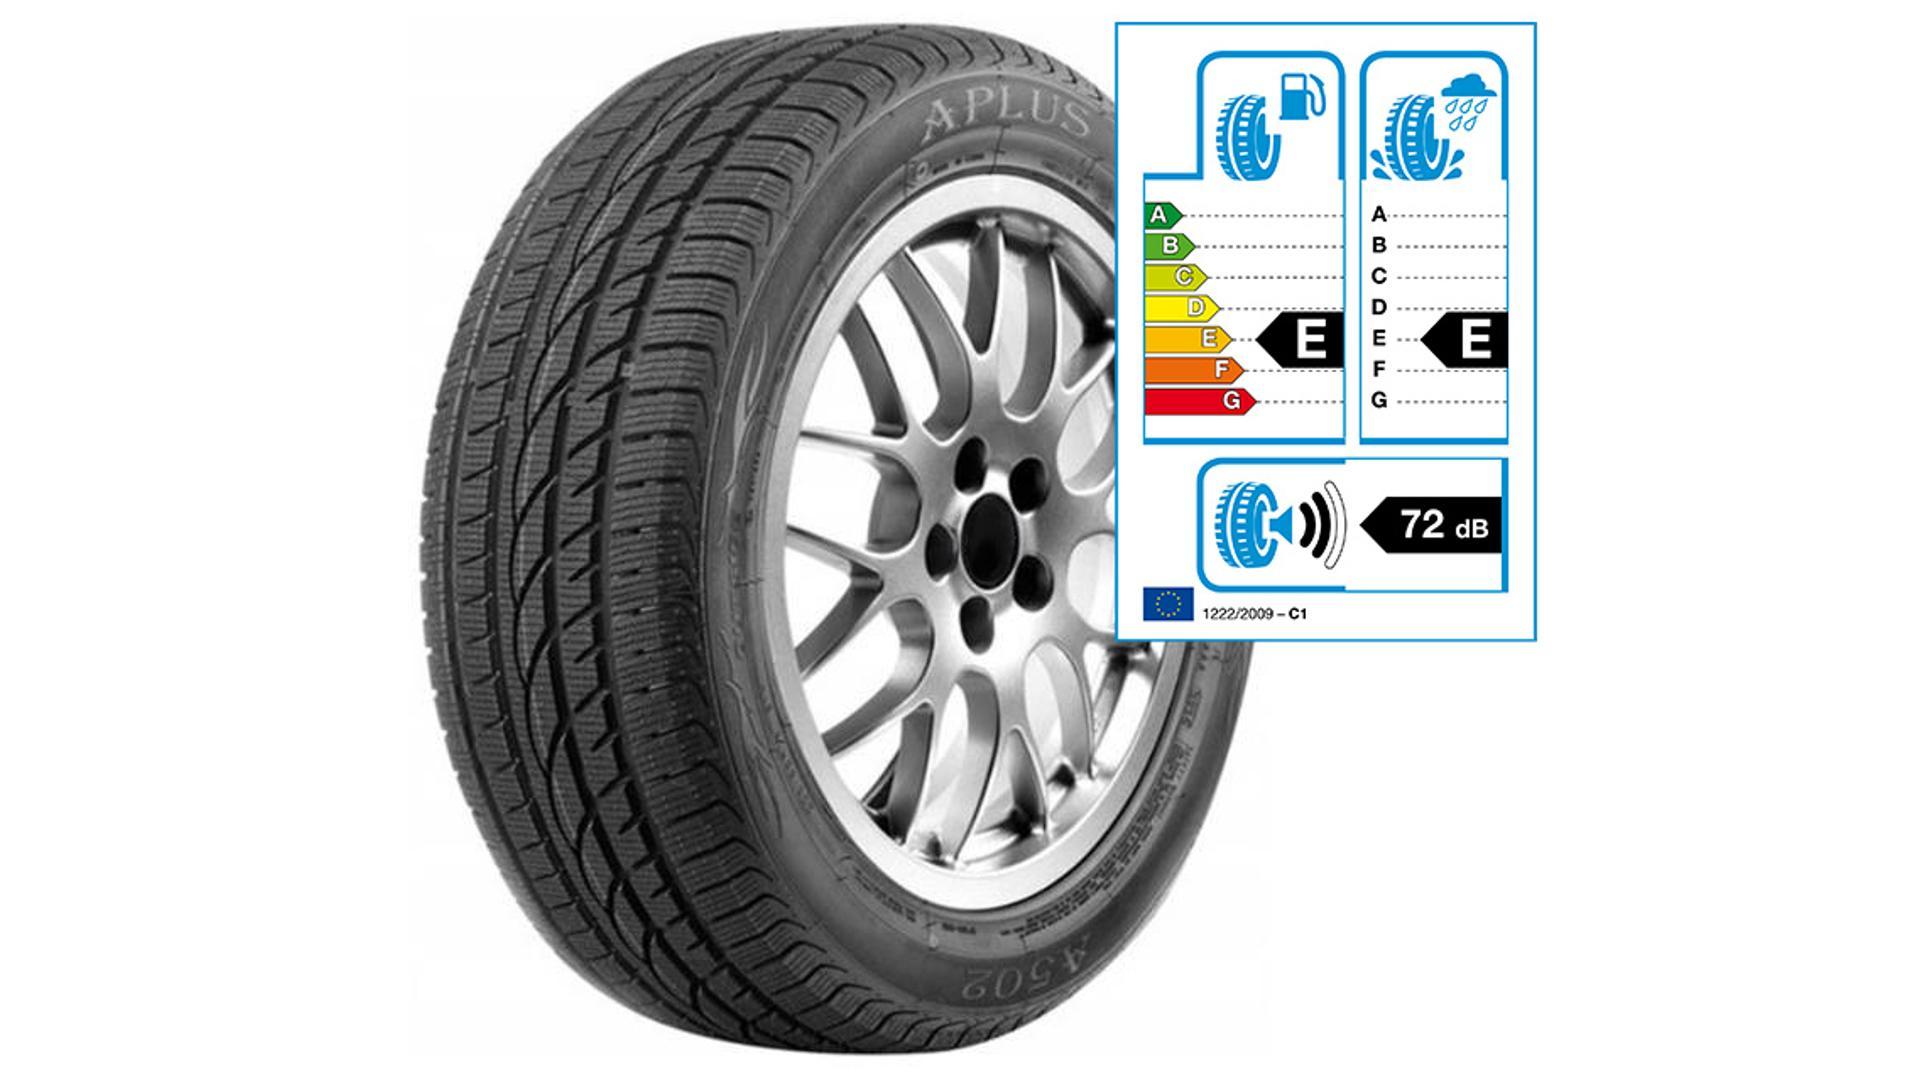 A502 Zimná pneumatika 195/55R15 85H